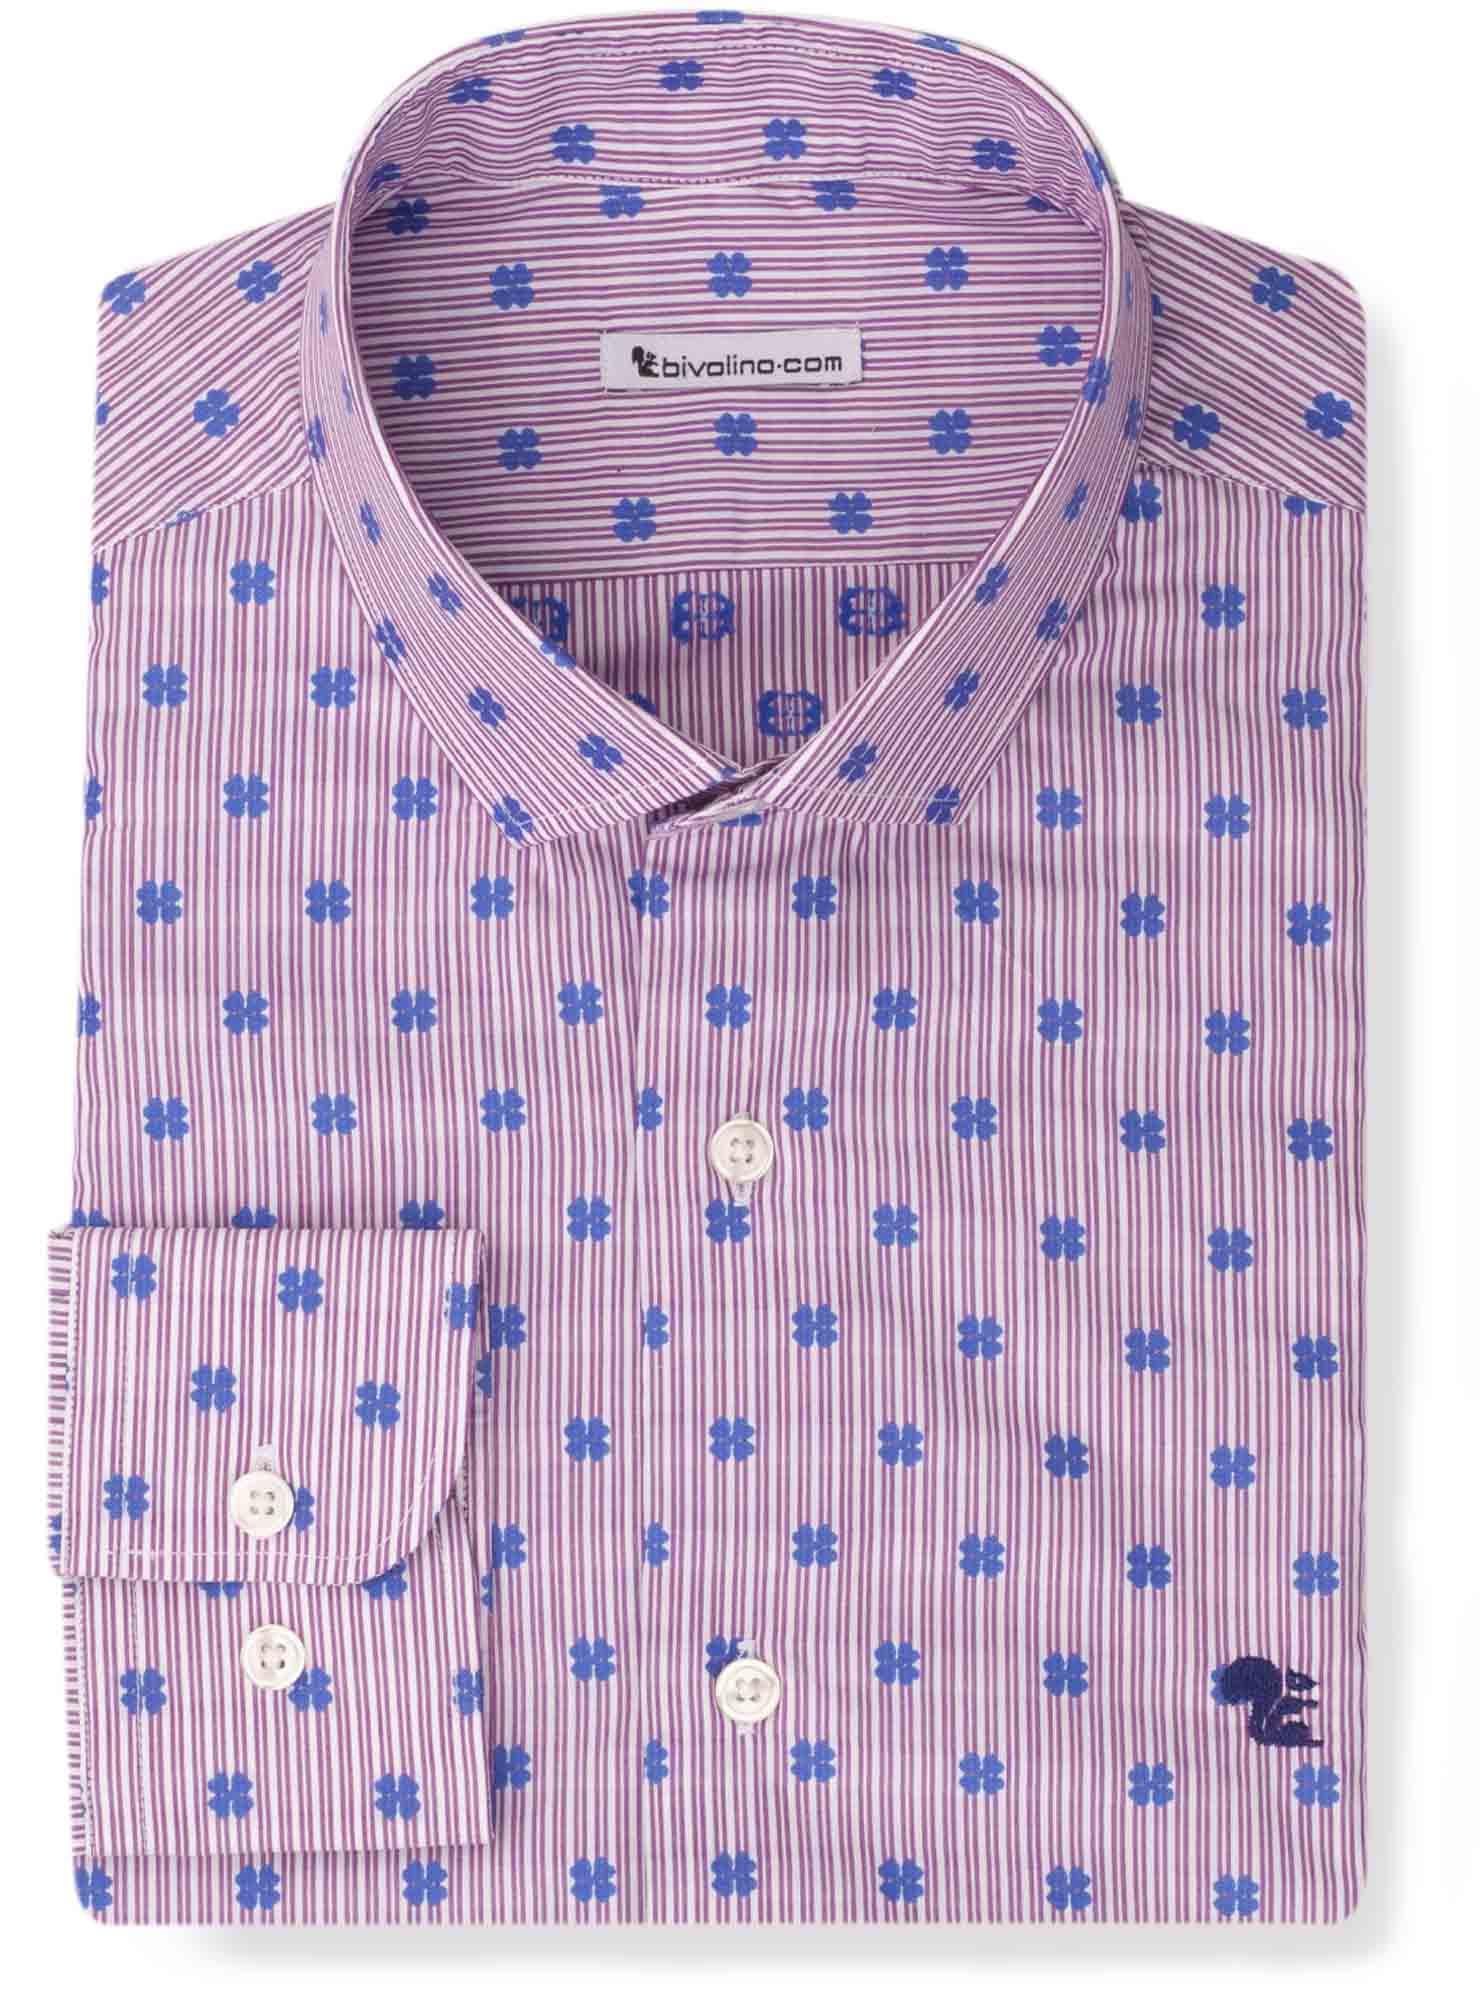 AMPIONINI - dobby jacquard shirt - Ampio 3